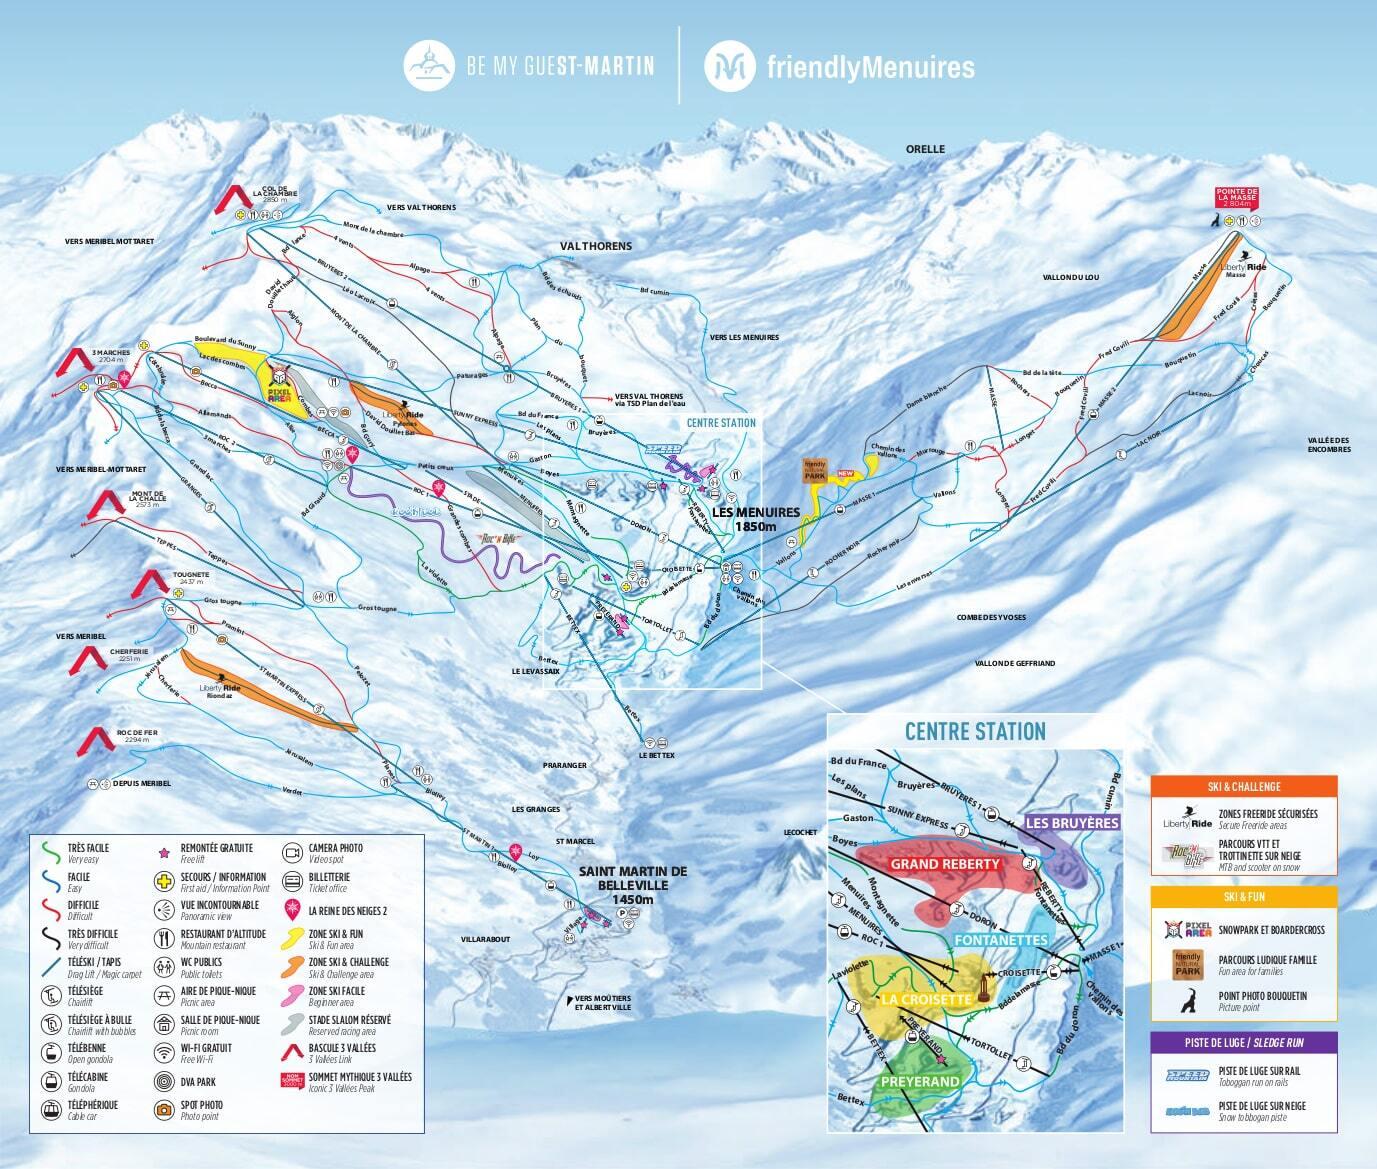 Les Menuires Ski Resort Guide Location Map Les Menuires ski